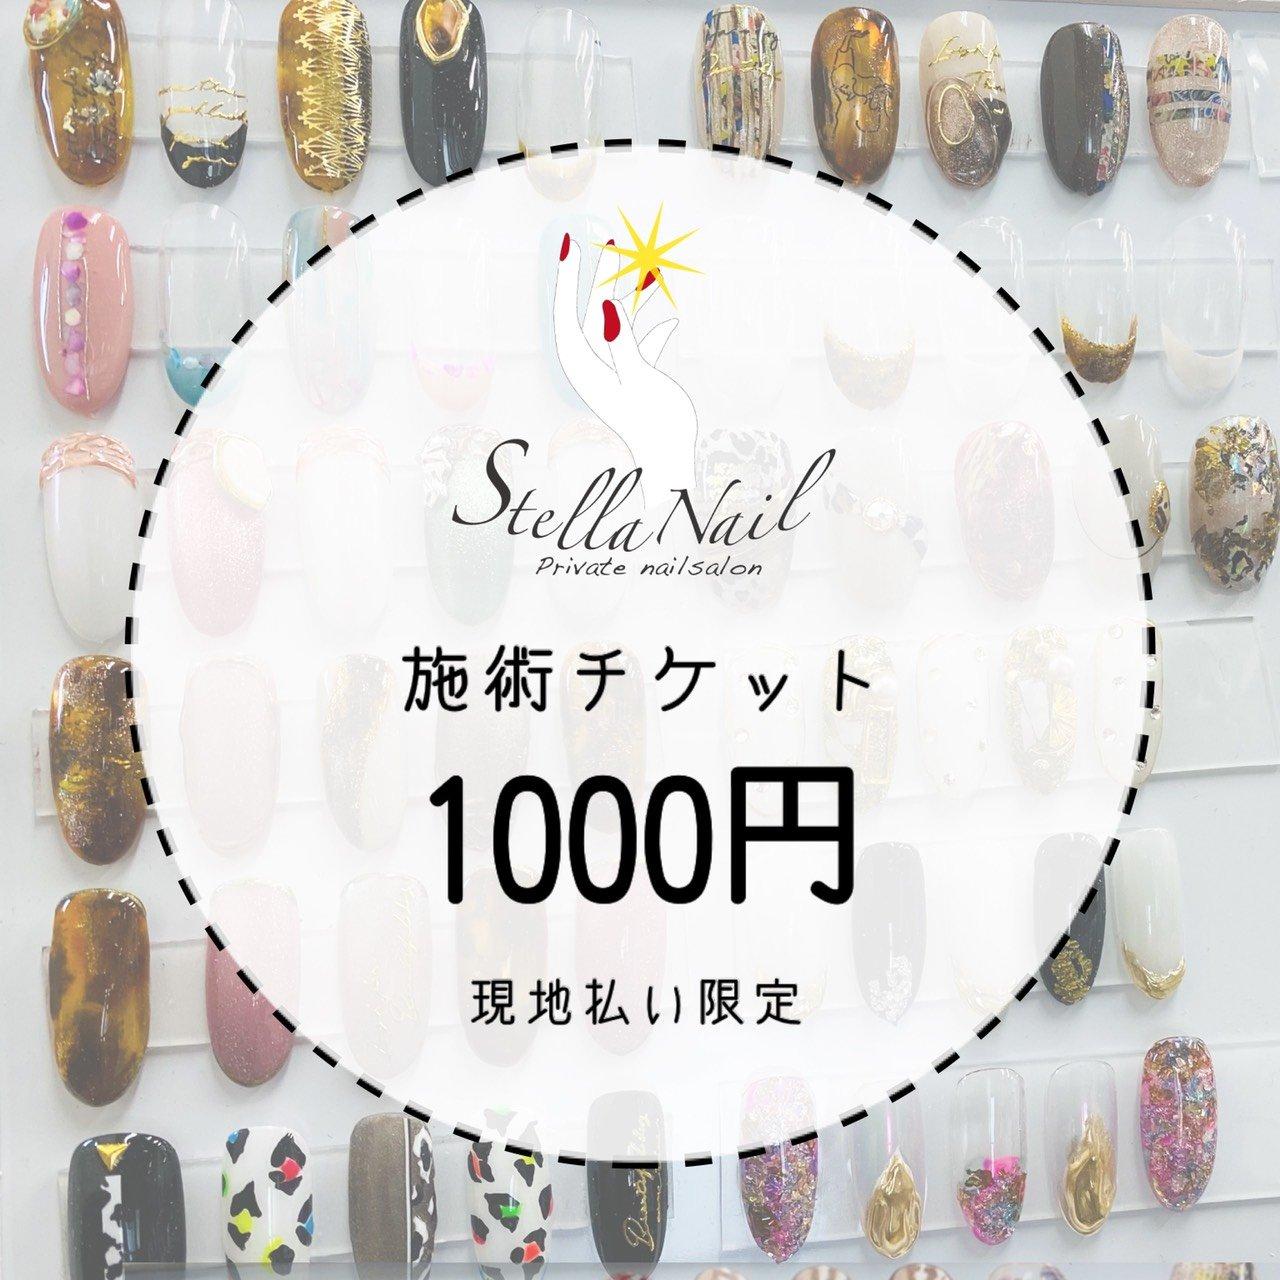 Stella Nail ステラネイル 施術チケット 1000円のイメージその1